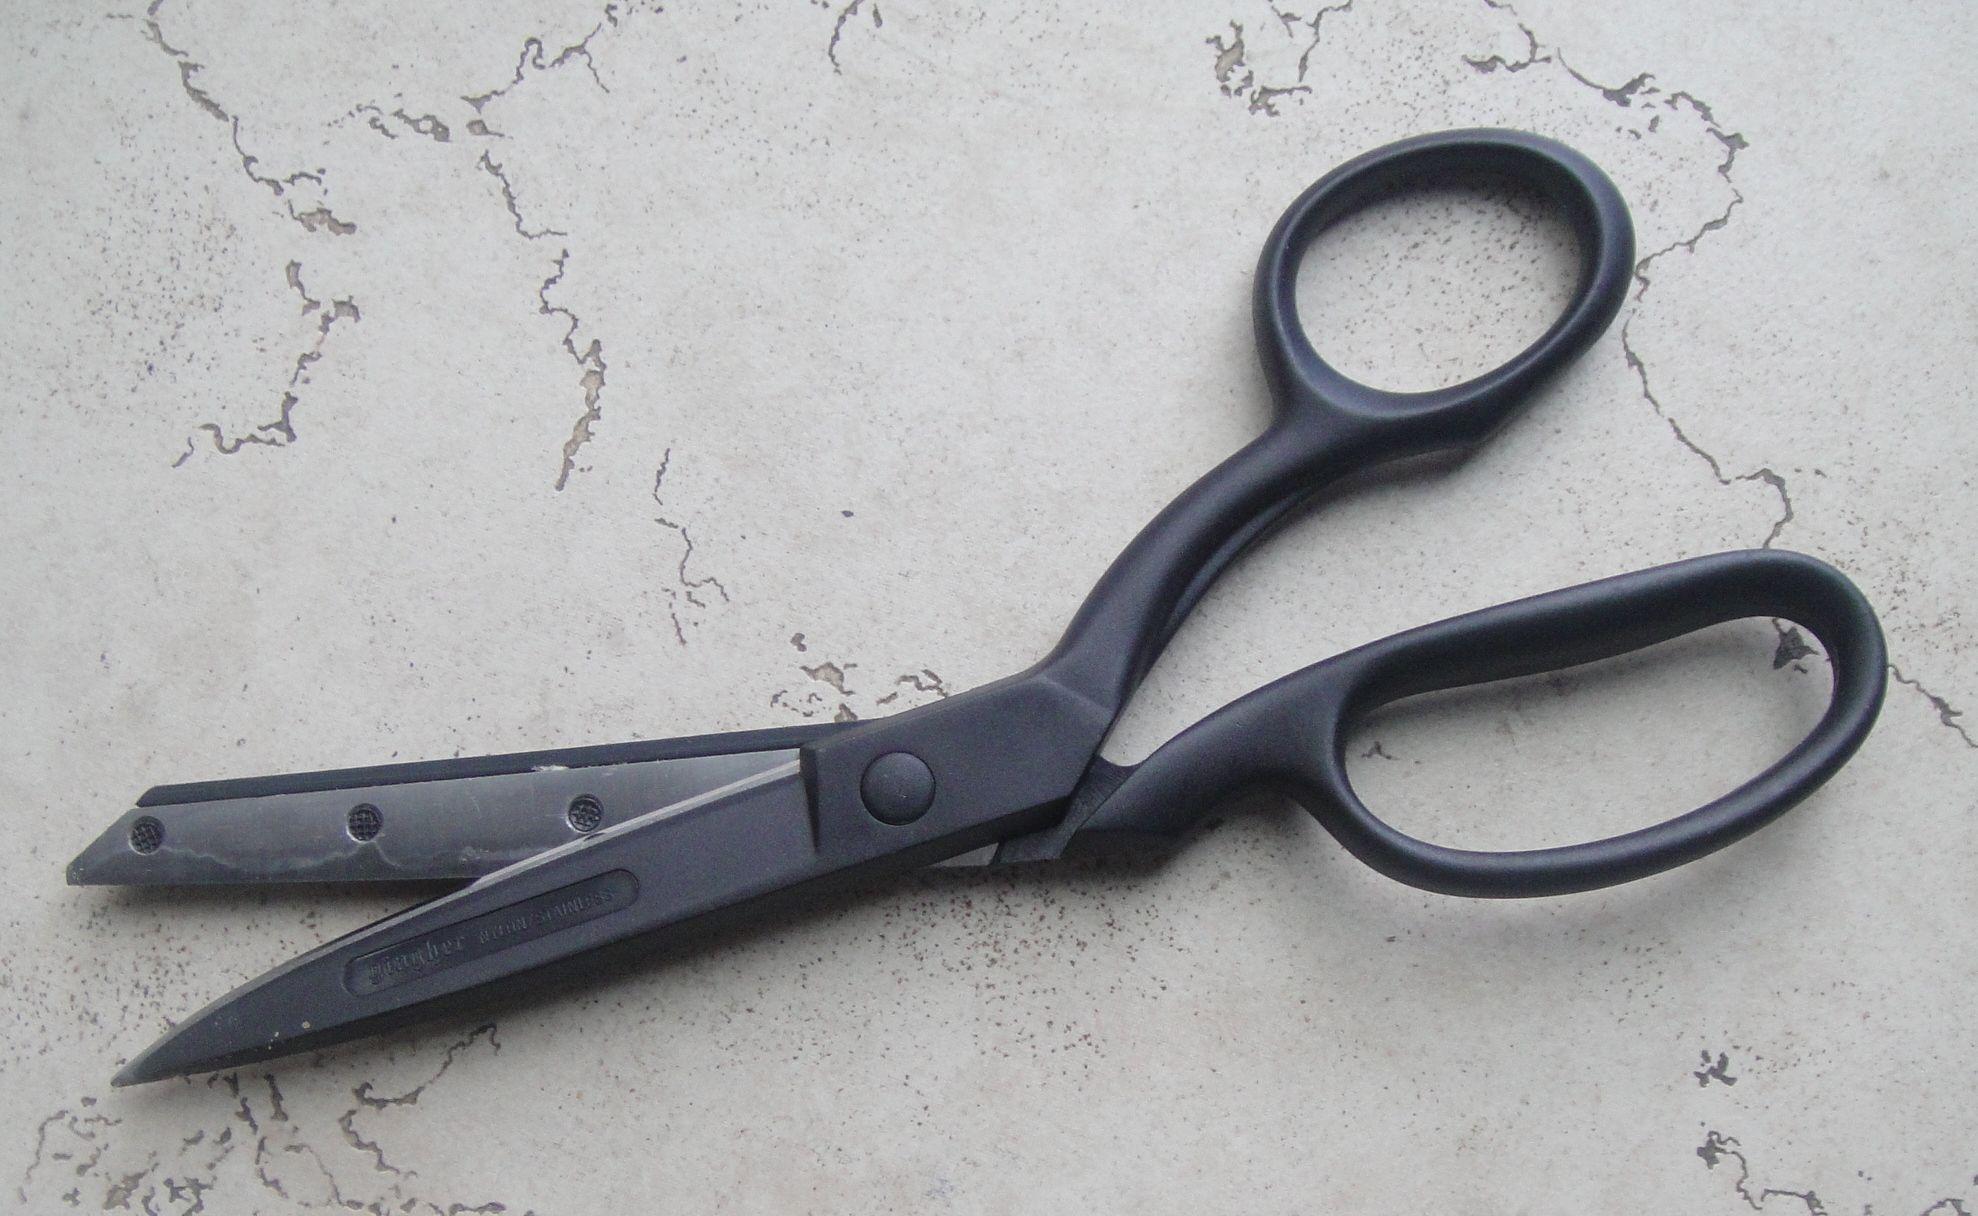 retro seamstress scissors - Google Search